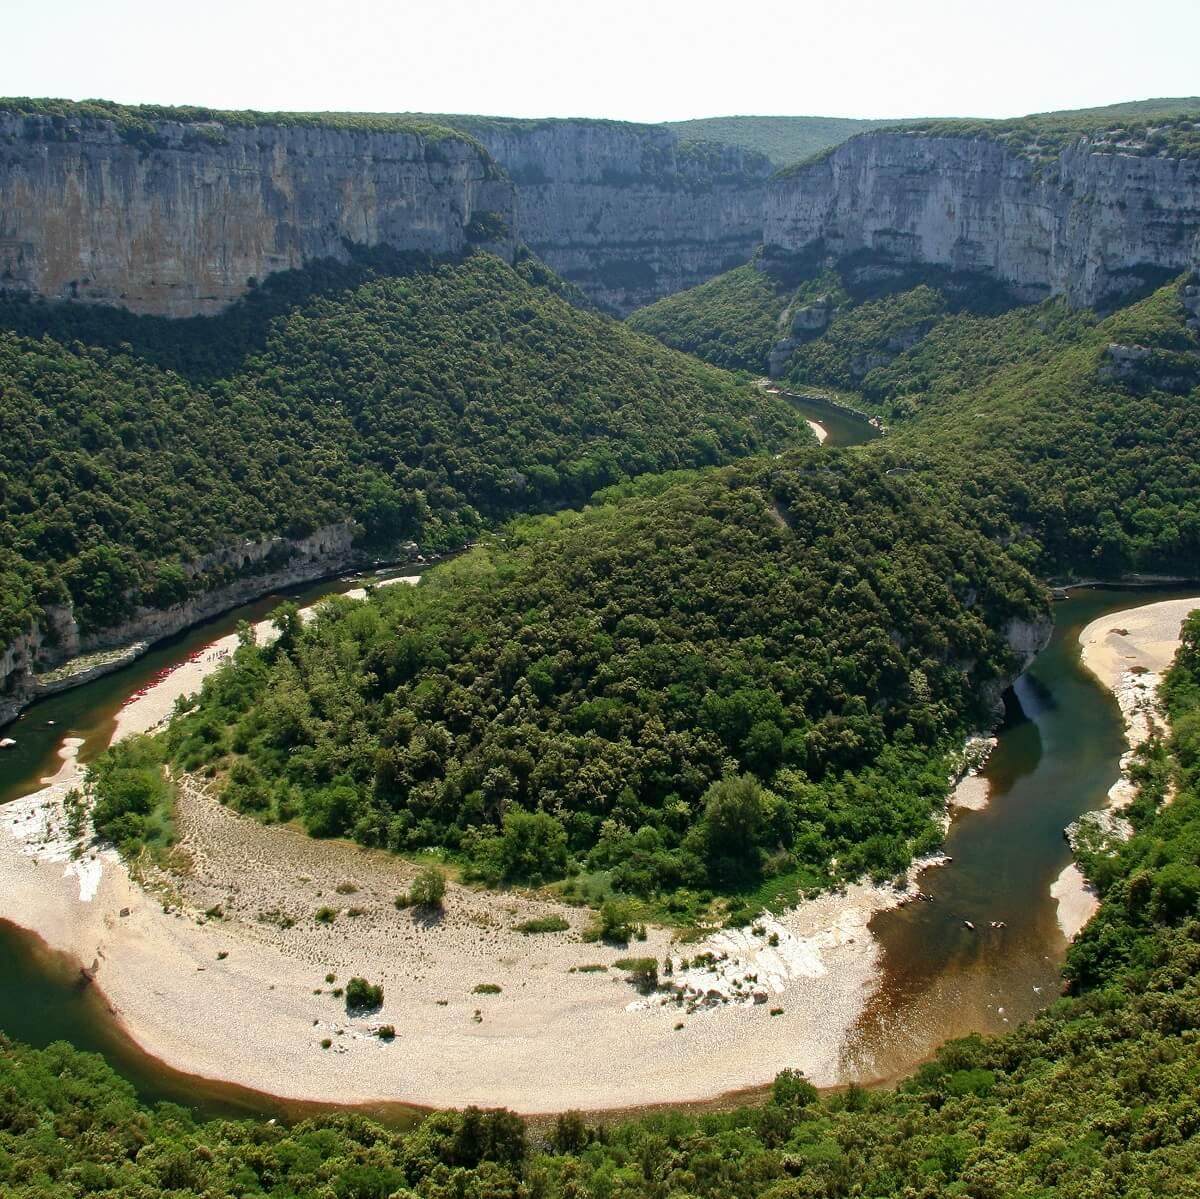 Plage des templiers - Gorges de l'Ardèche